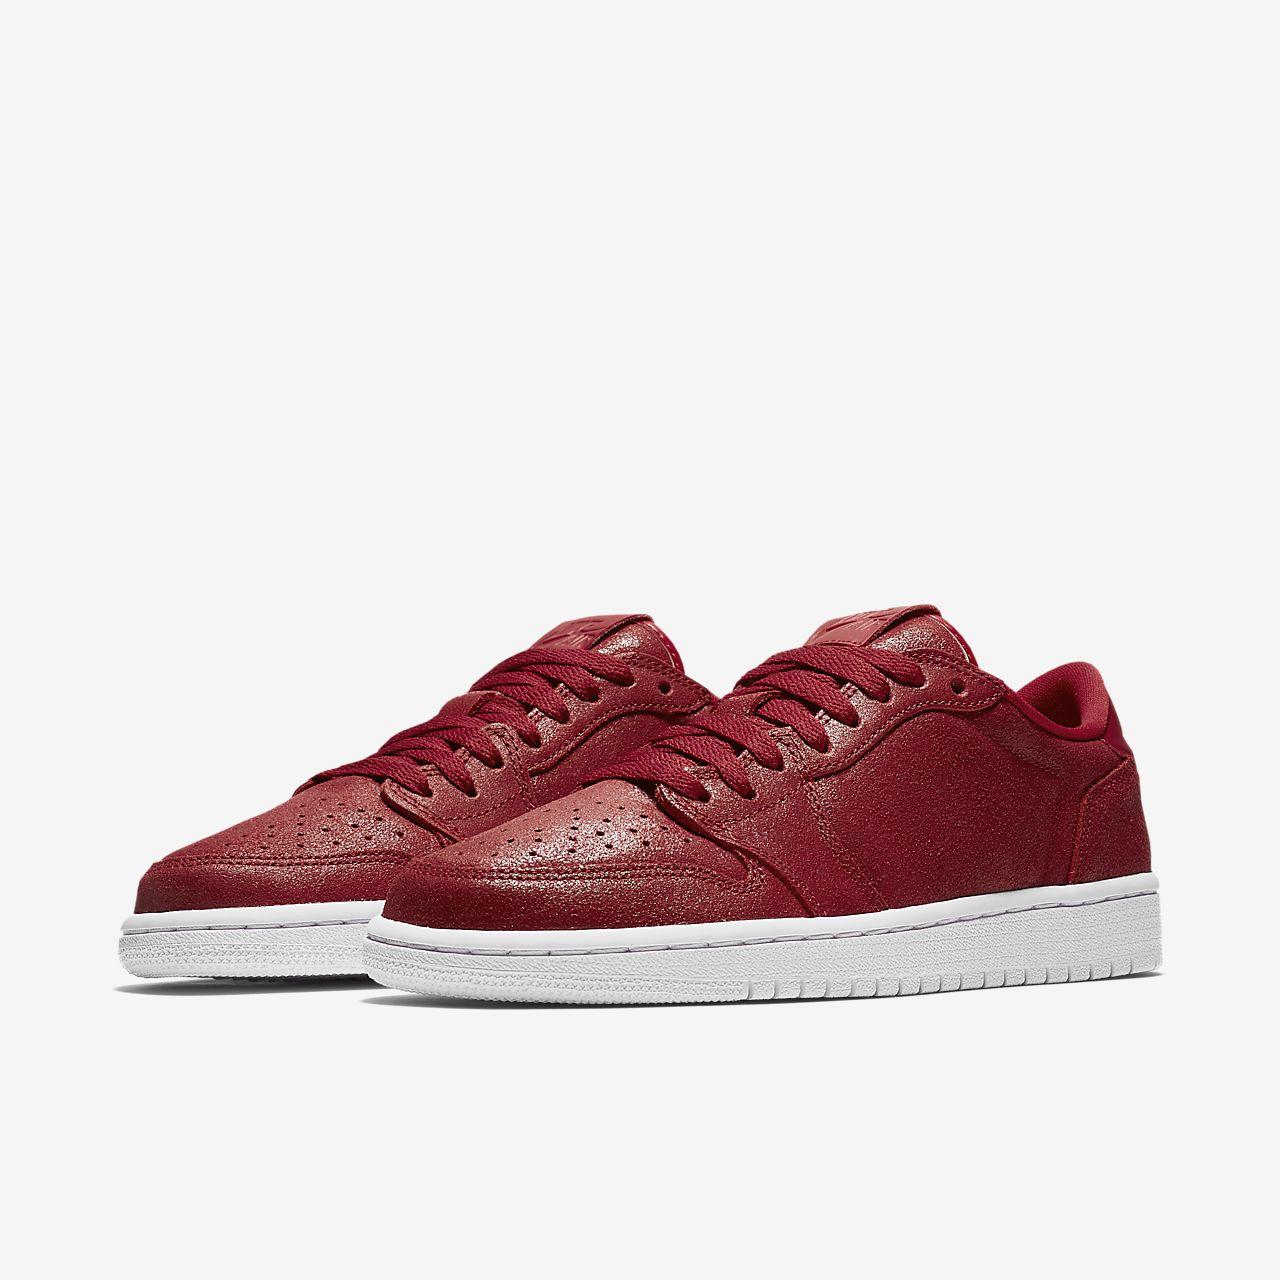 7b9417e437e2f8 Air Jordan 1 Retro Low NS Women s Shoe. Nike.com CA